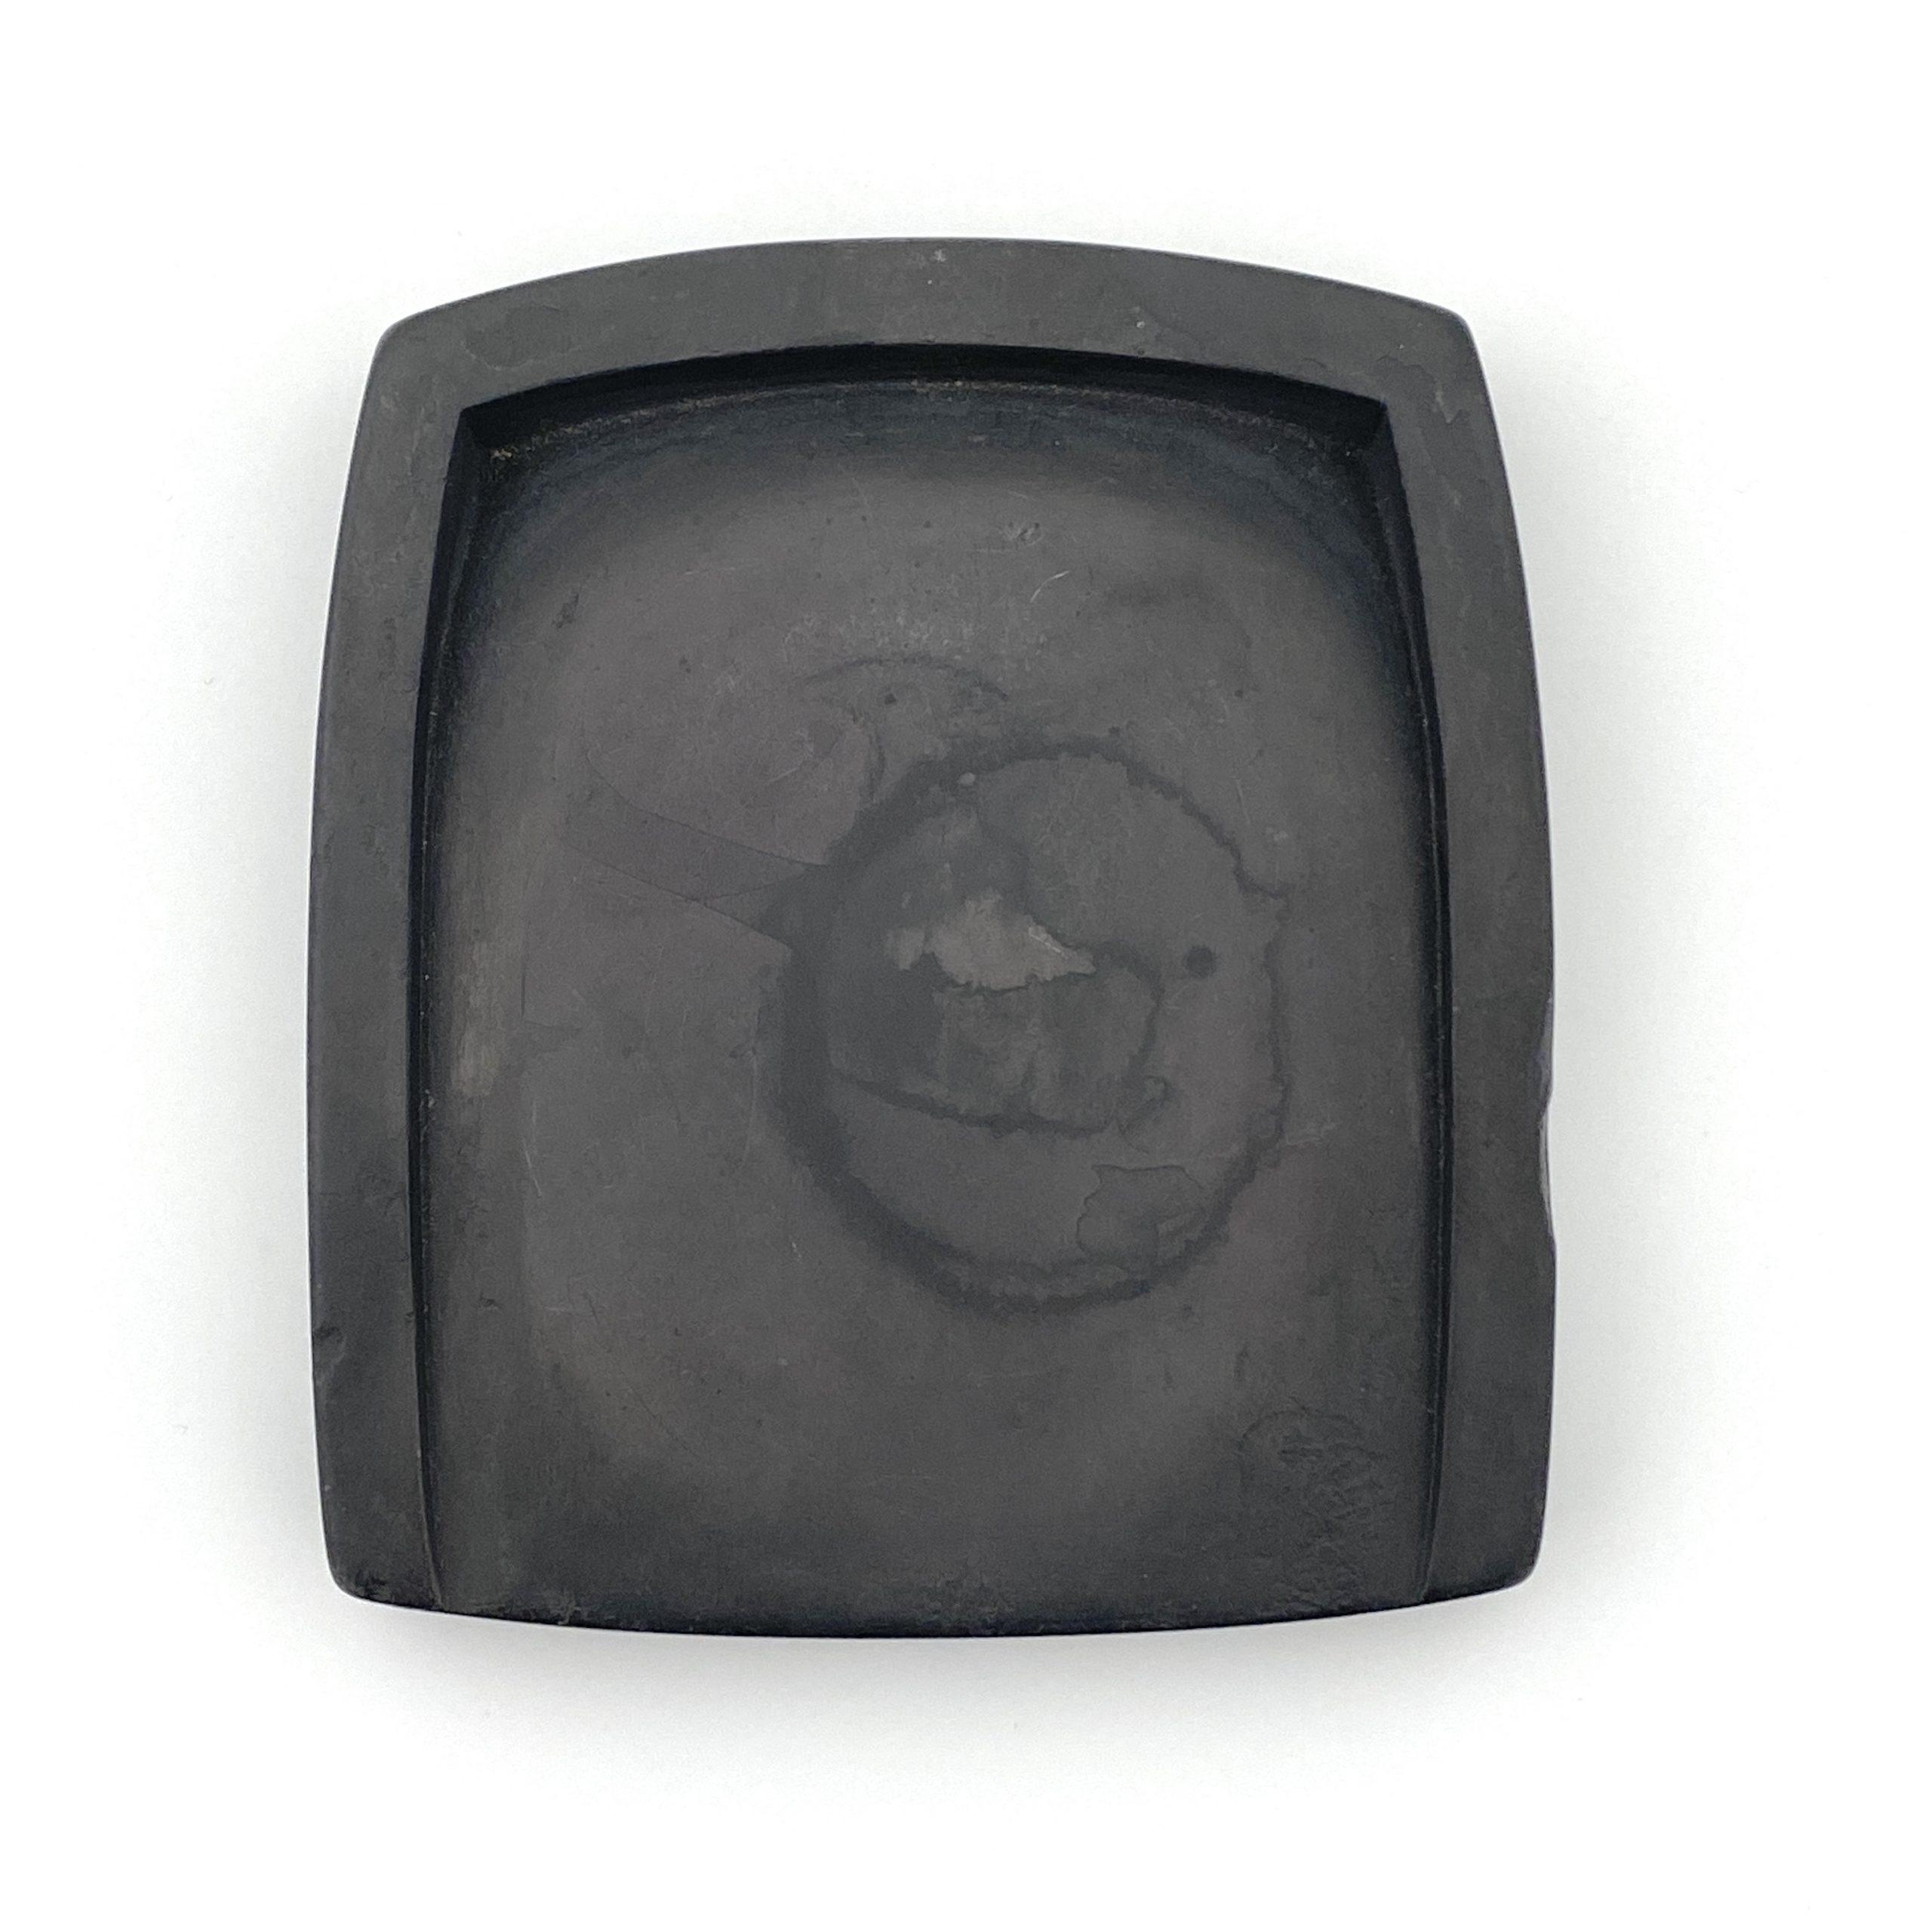 30460「呂留良」款 端渓 詩文紋 團硯